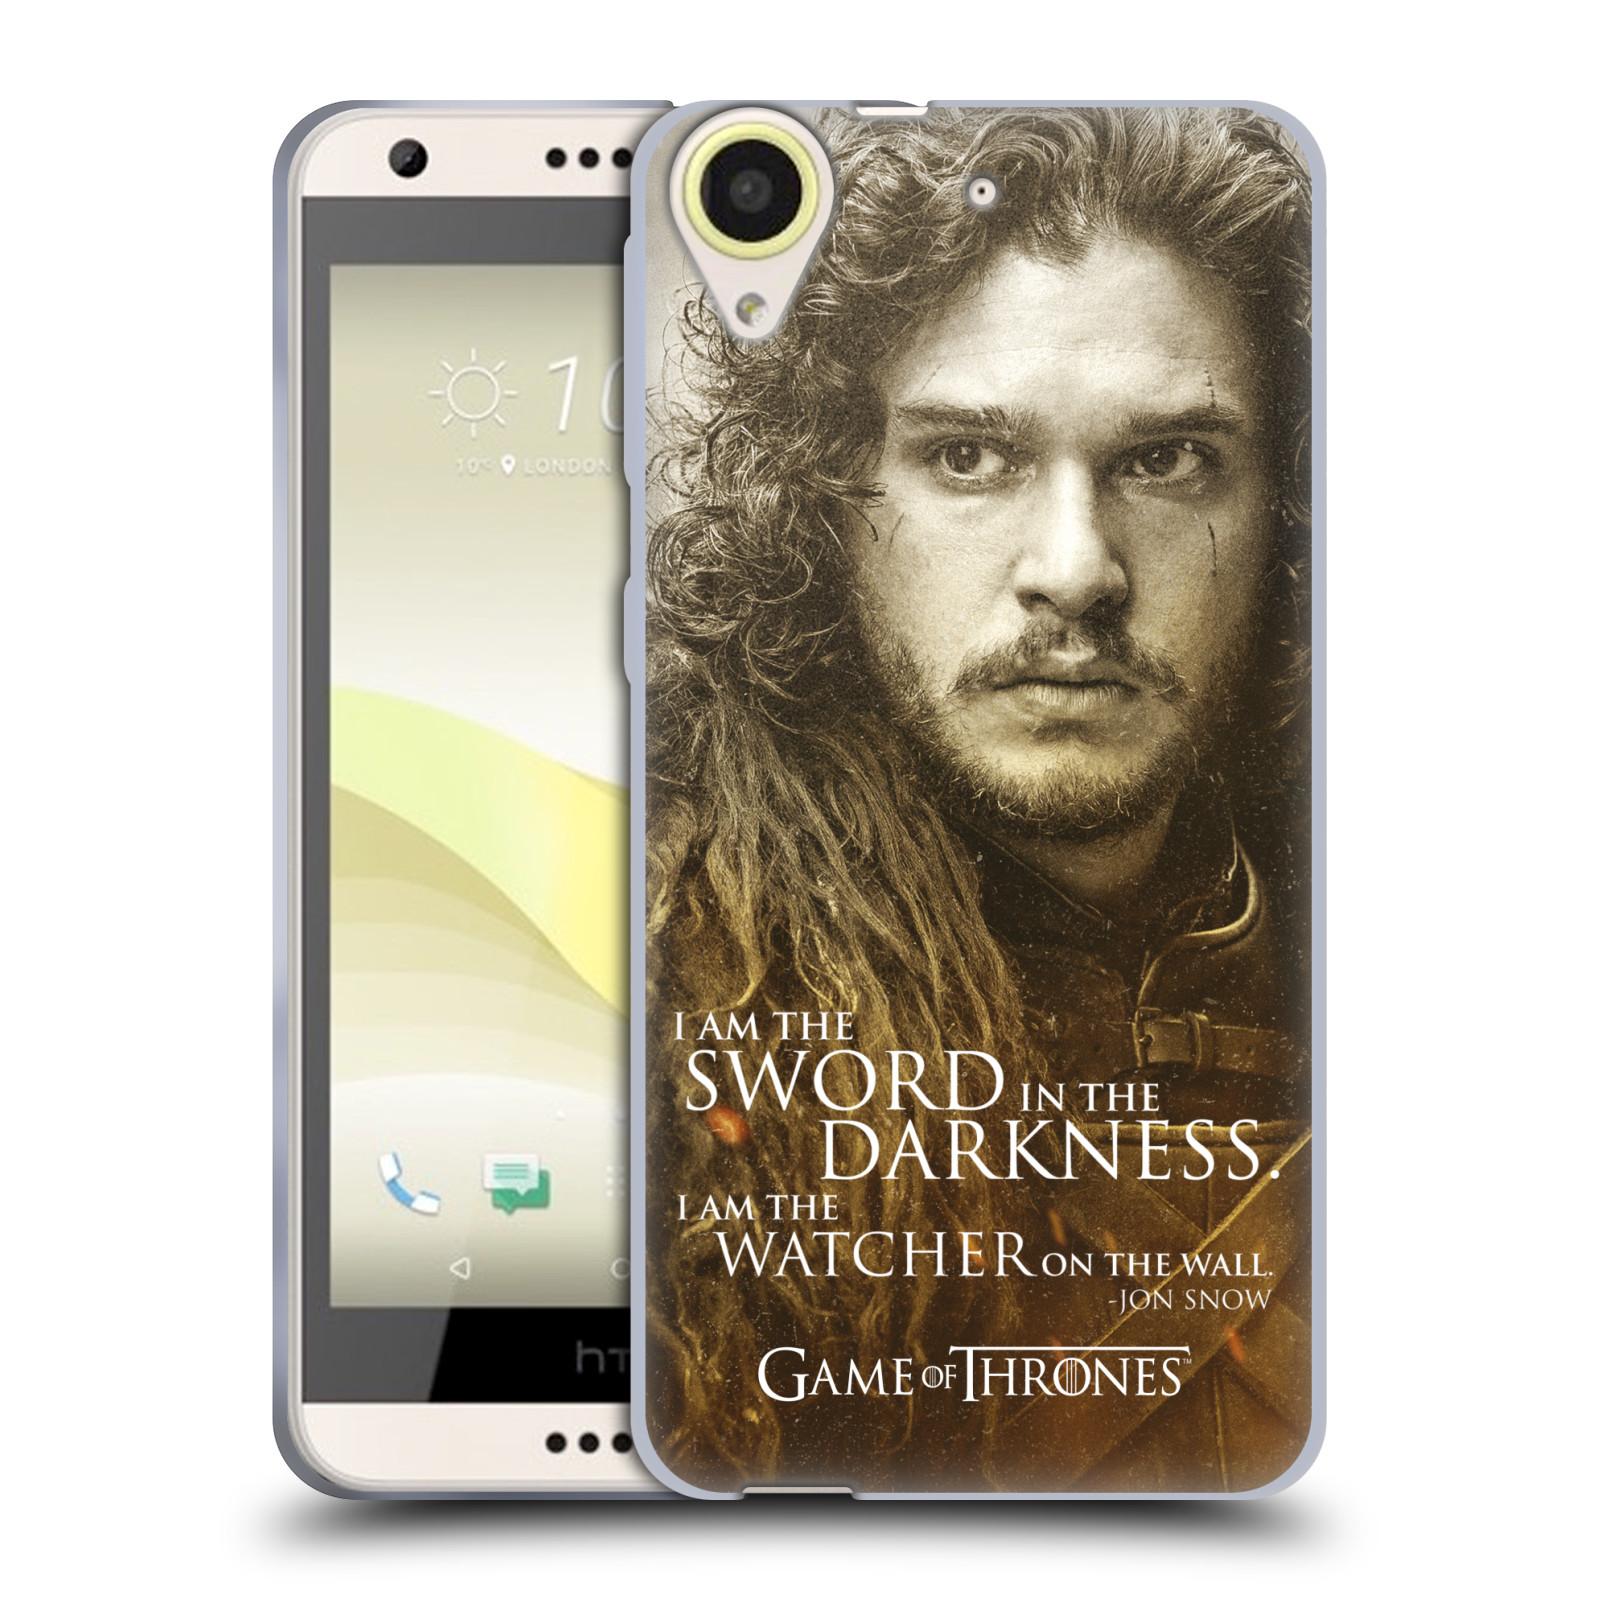 Silikonové pouzdro na mobil HTC Desire 650 HEAD CASE Hra o trůny - Jon Snow (Silikonový kryt či obal na mobilní telefon s licencovaným motivem Hra o trůny - Game Of Thrones pro HTC Desire 650)